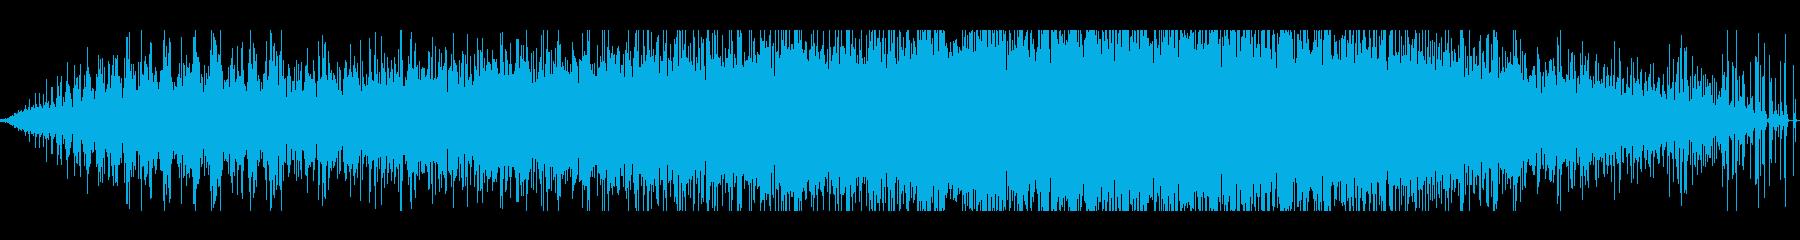 トーンウォーターリースタティックラ...の再生済みの波形